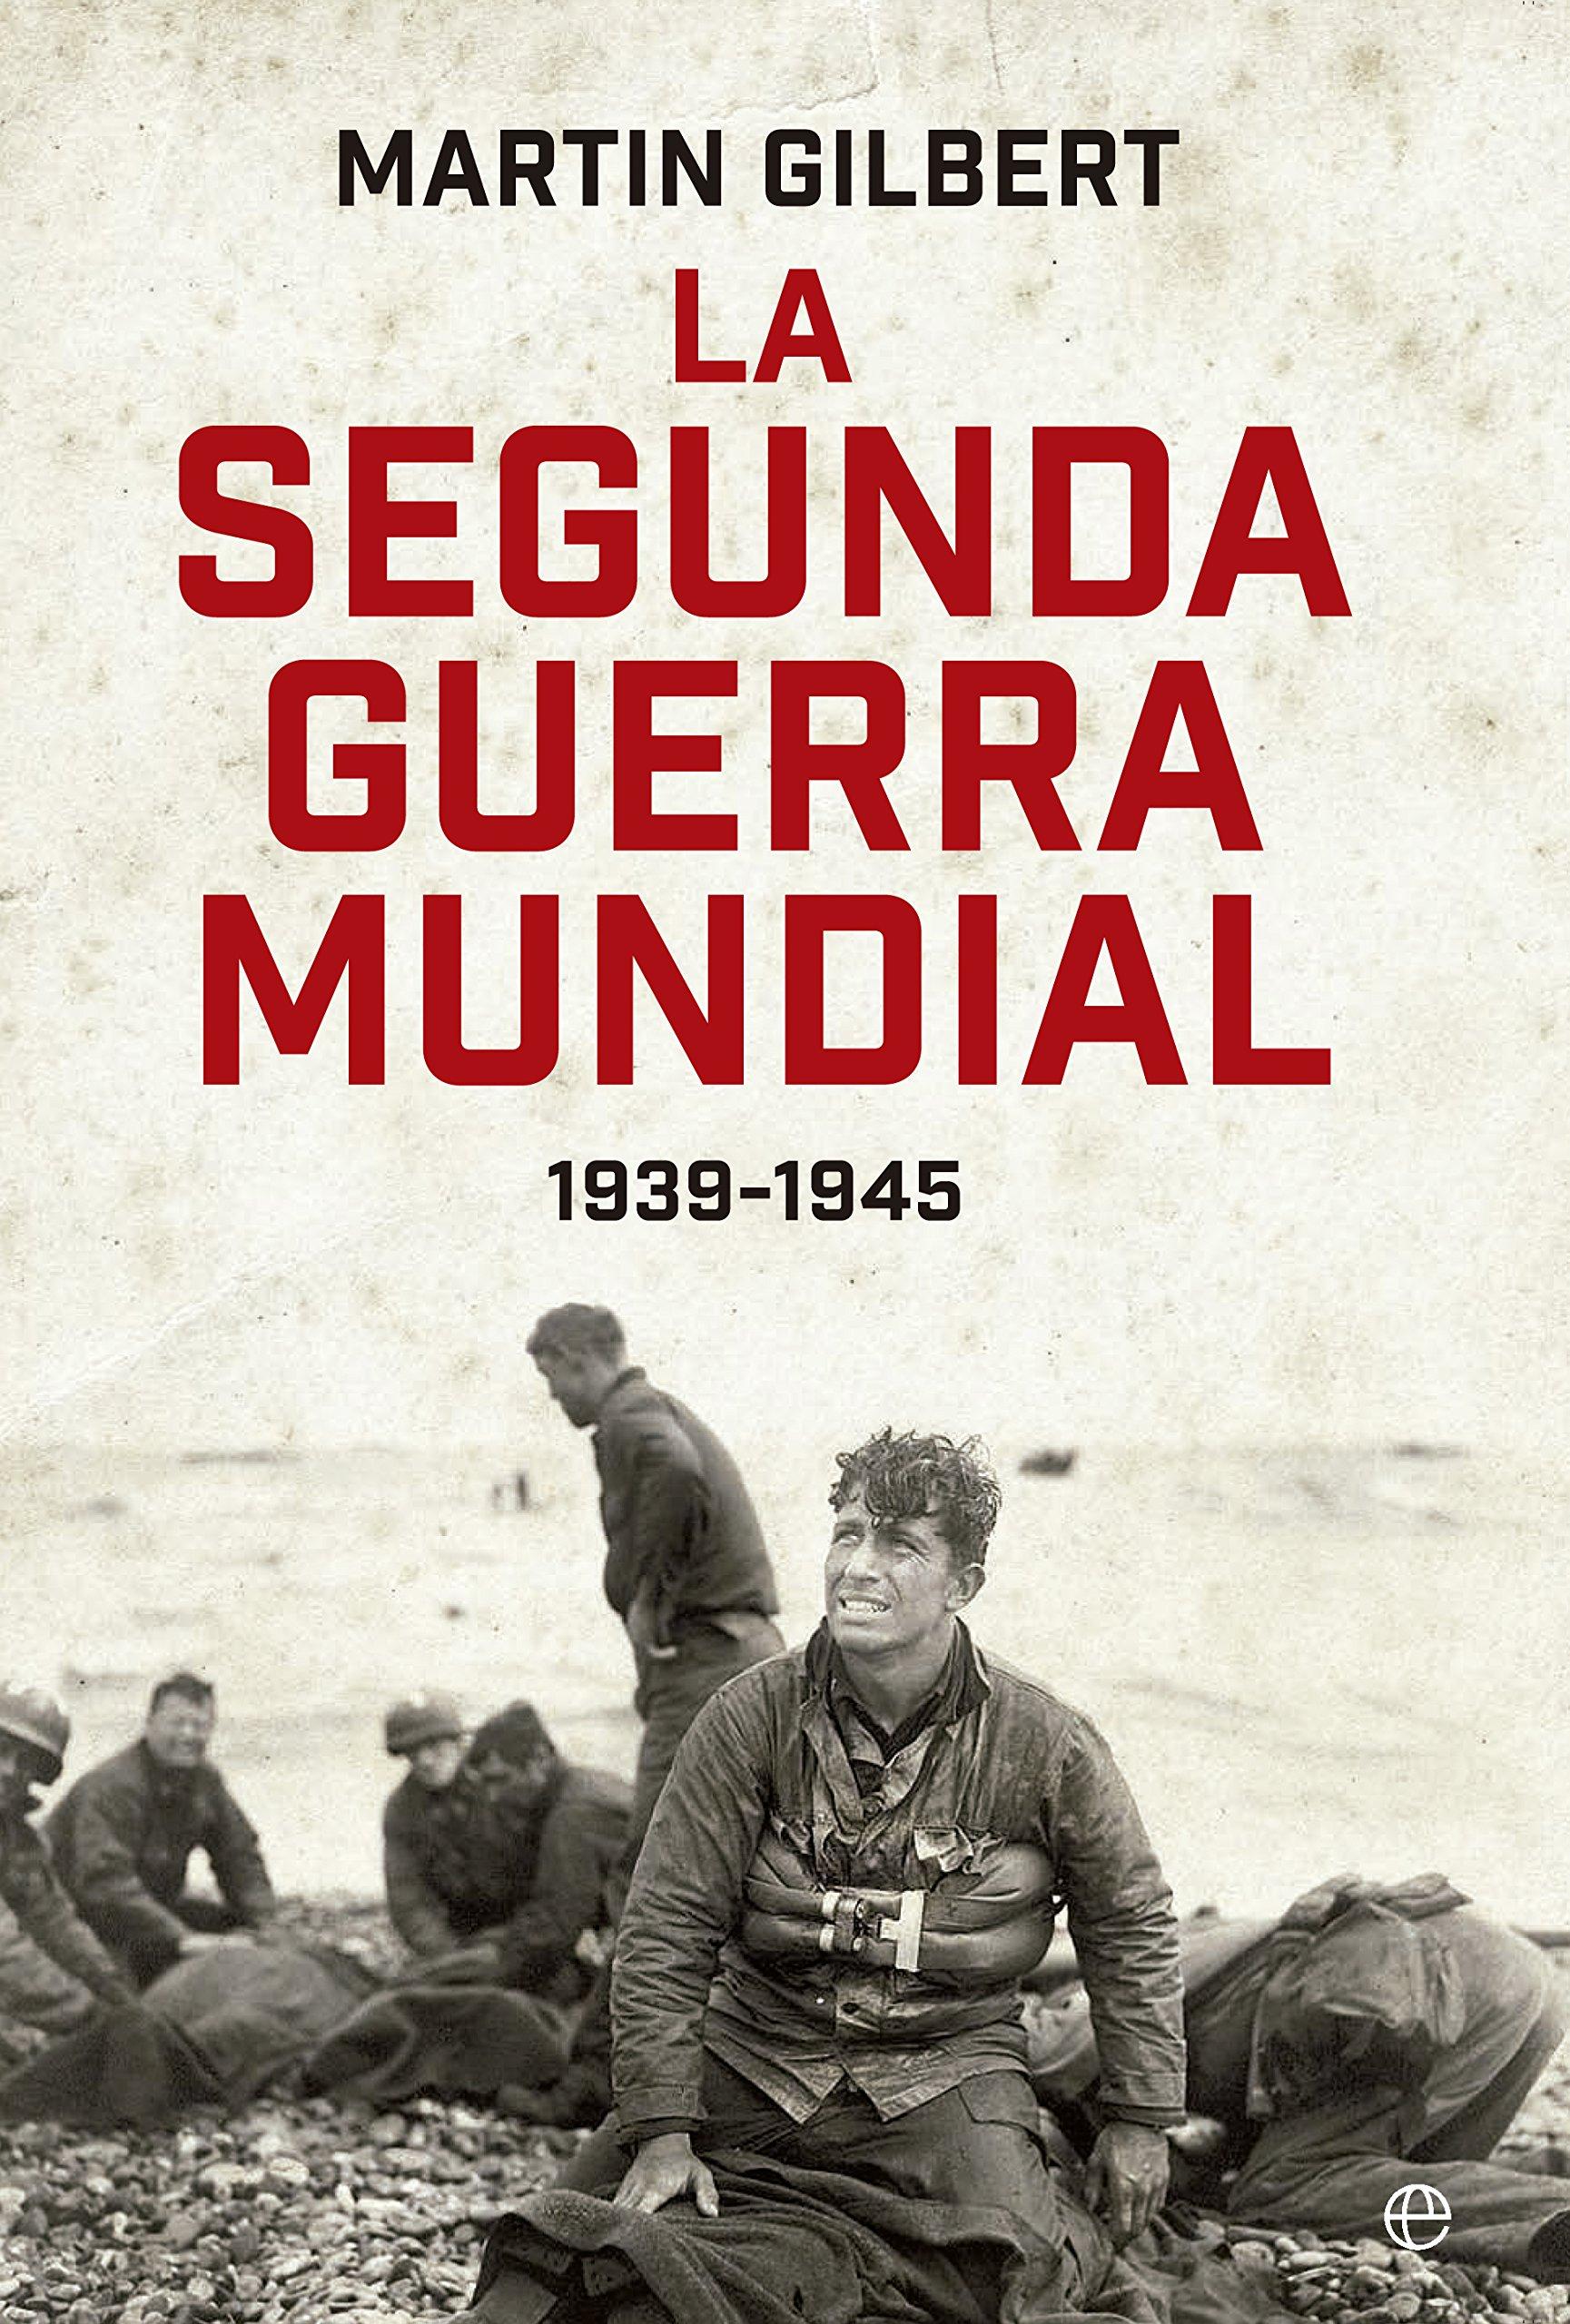 Download La segunda guerra mundial 1939-1945 ebook